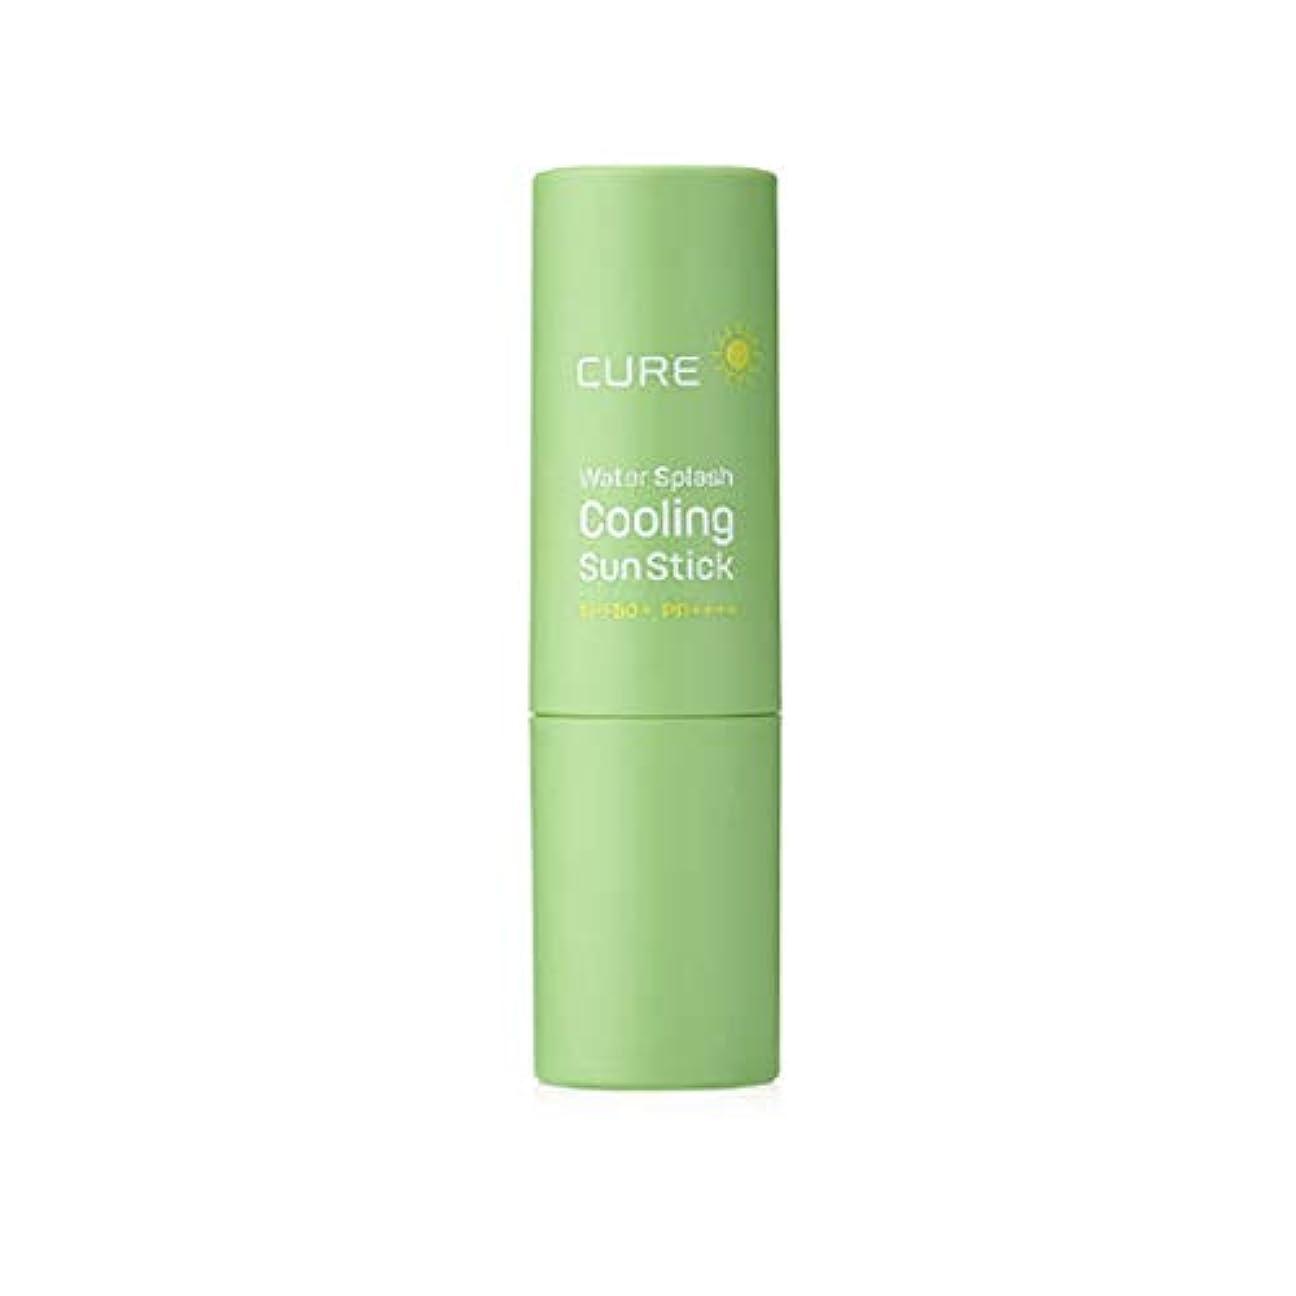 ブラウス毛布なので[KIMJUNGMOON ALOE] キムジョンムンアロエ Cure Water Splash Coolling Sun Stick 11gキュアウォータースプラッシュクーリングスティックSPF50+/PA++++ 42%...